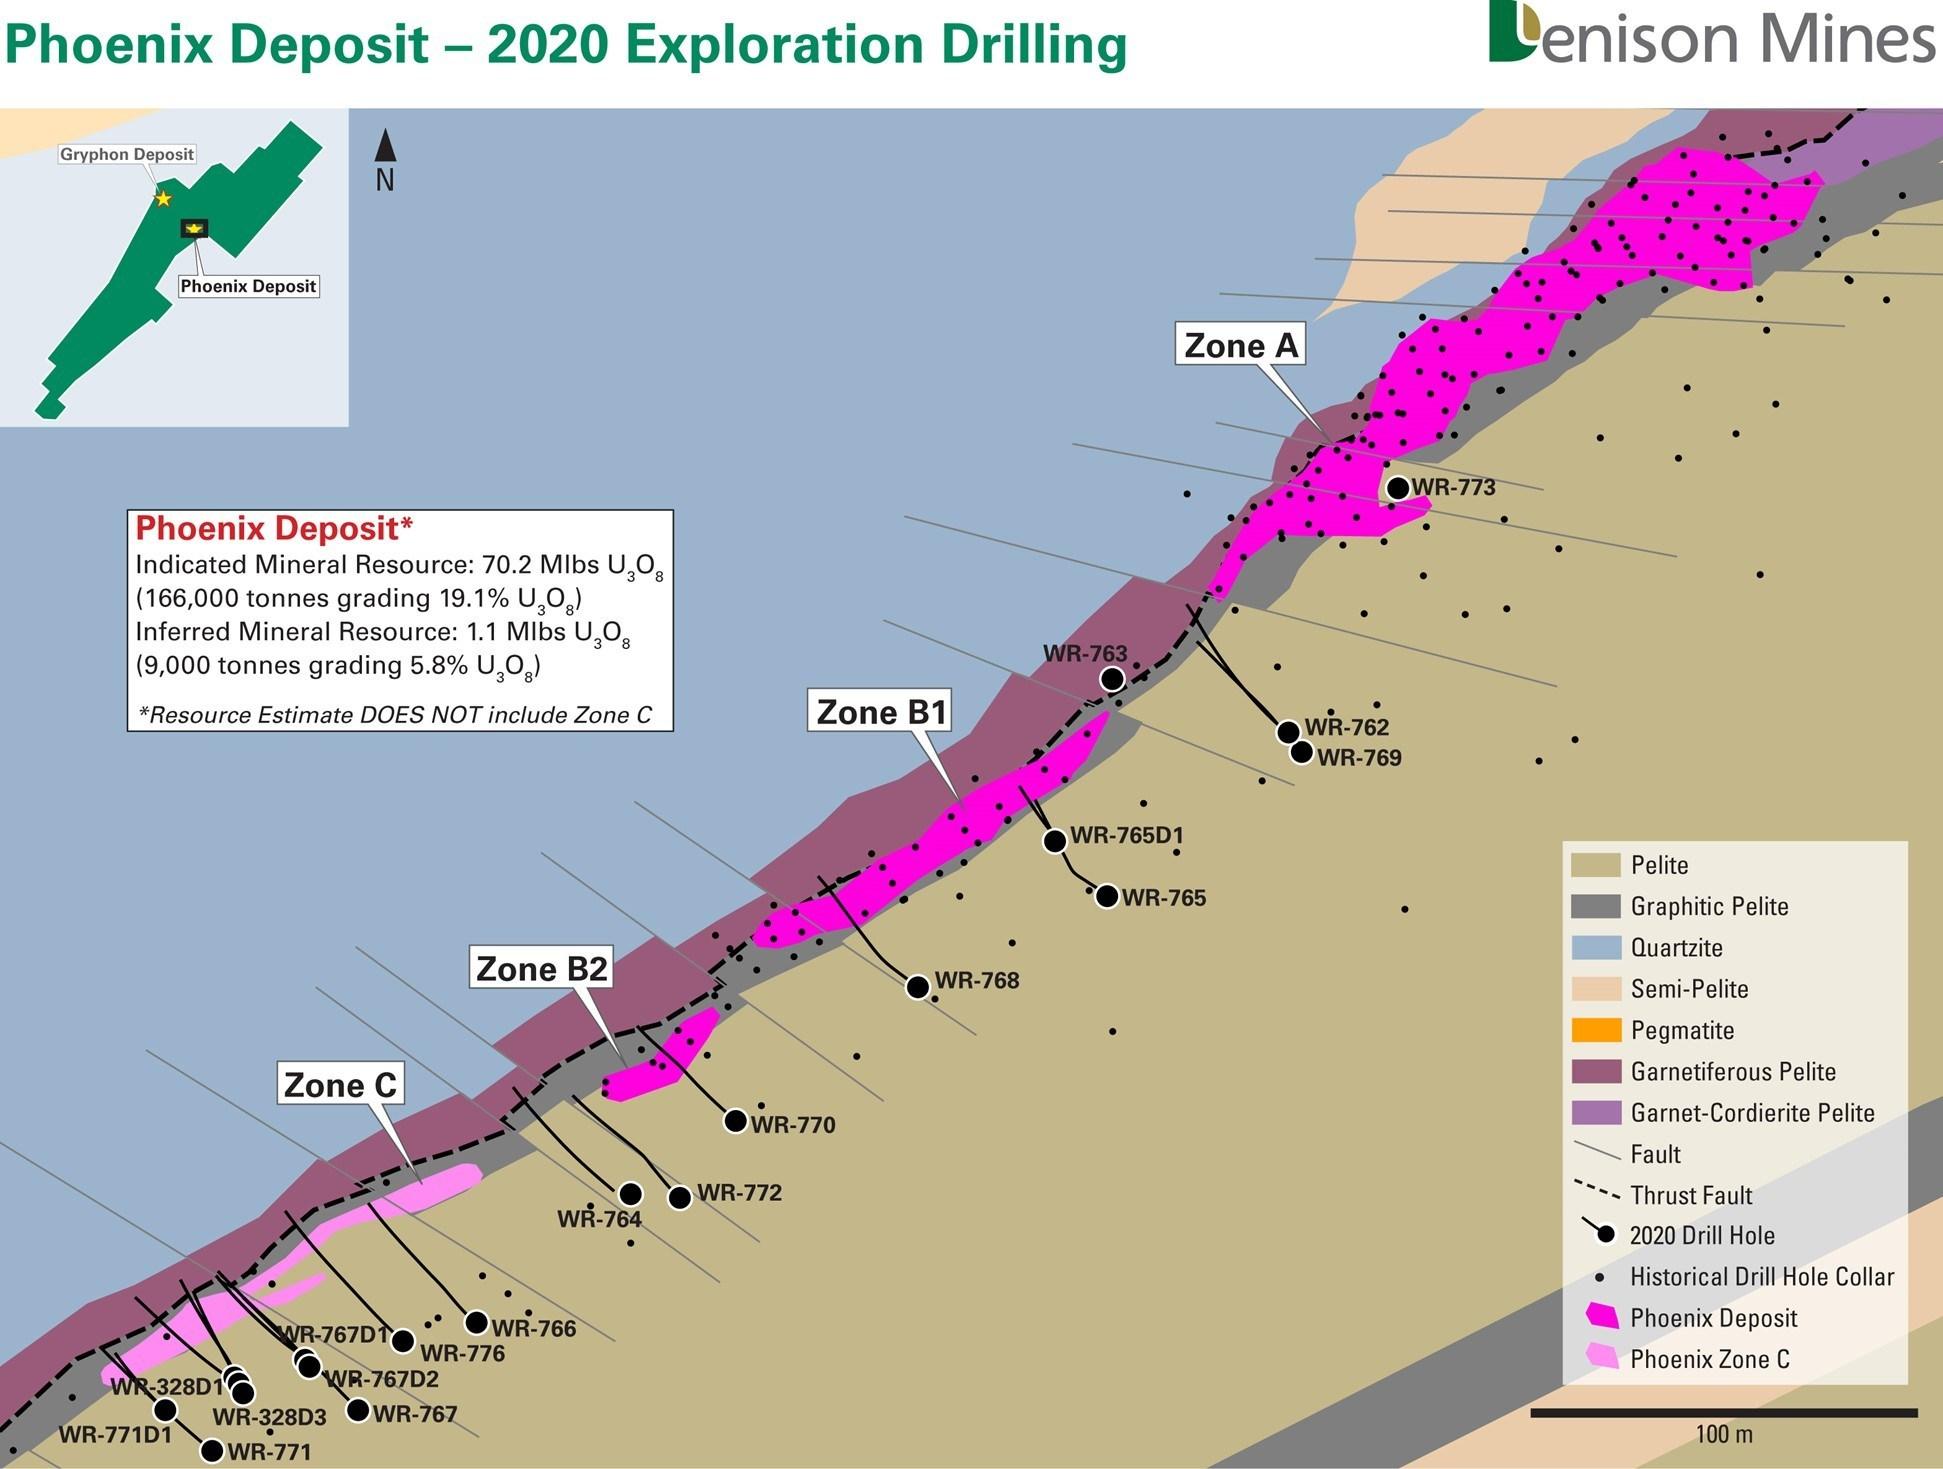 Figure 1 - Phoenix Deposit – 2020 Exploration Drilling (CNW Group/Denison Mines Corp.)